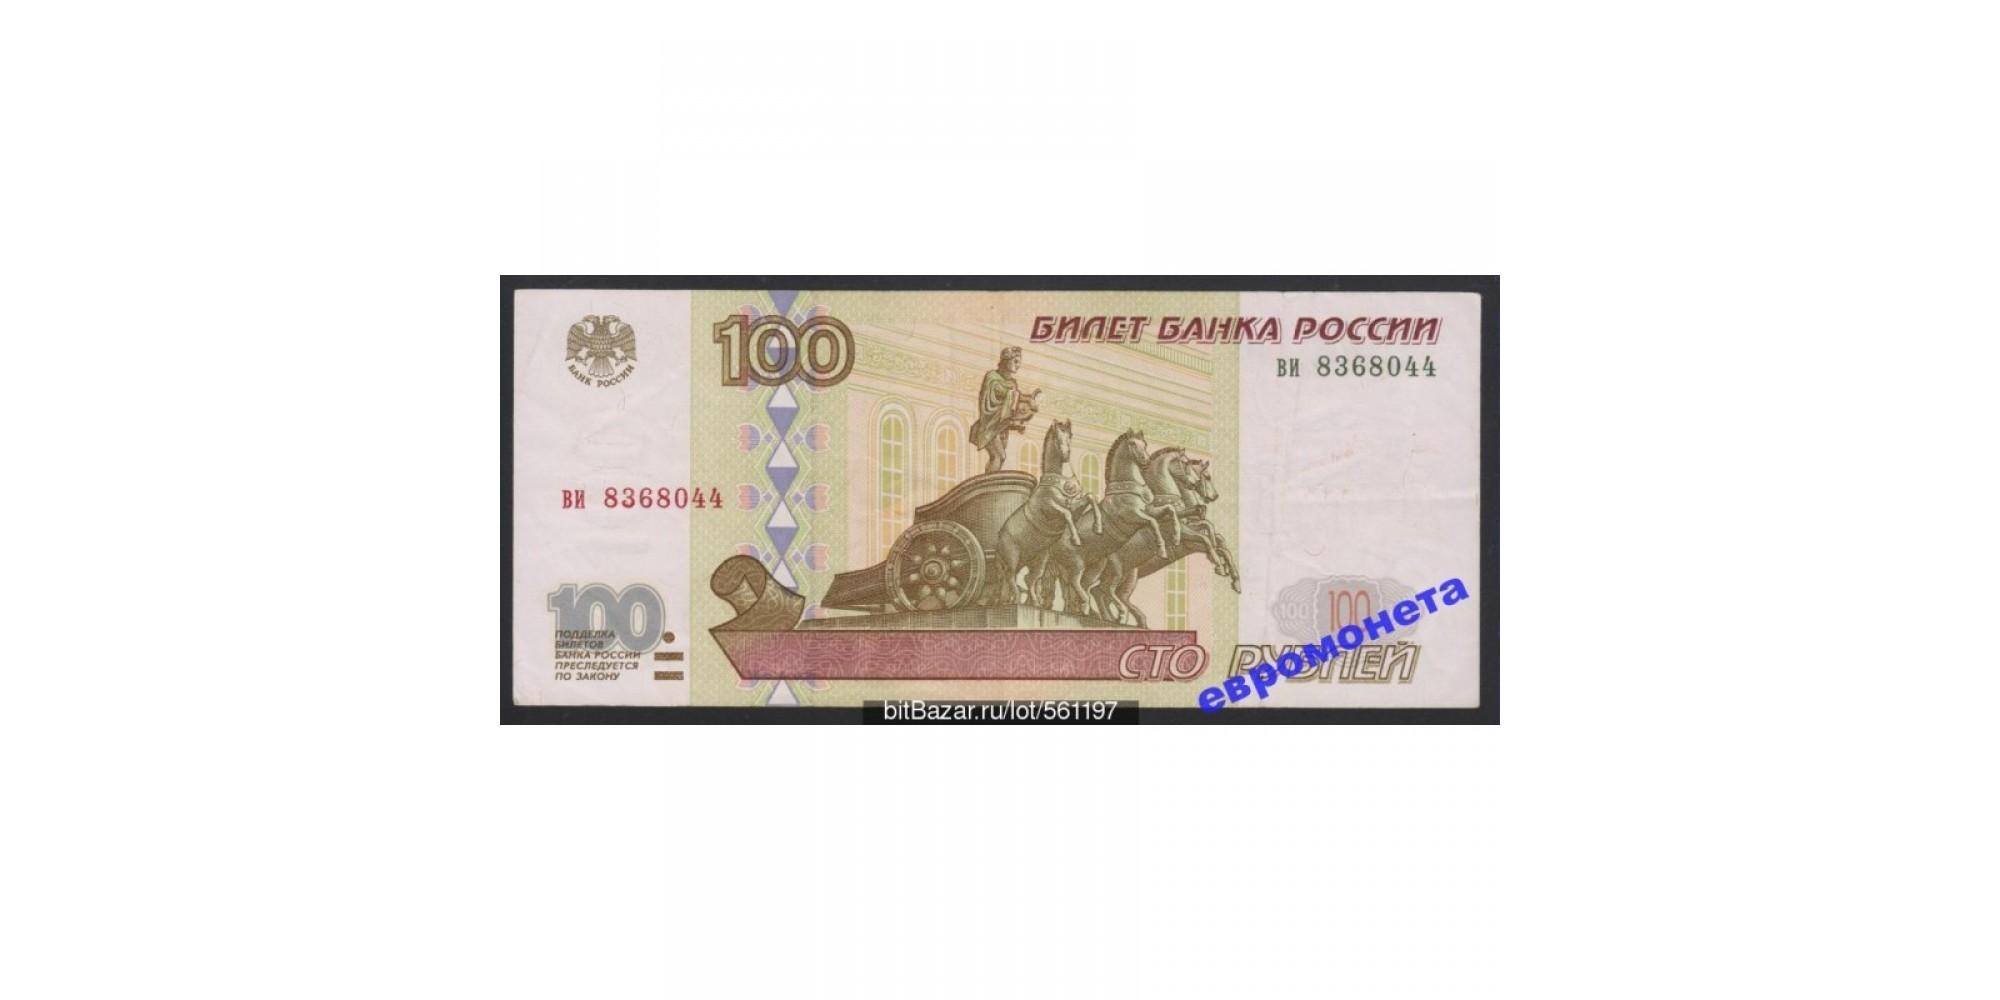 Россия 100 рублей 1997 год без модификации серия ви 8368044